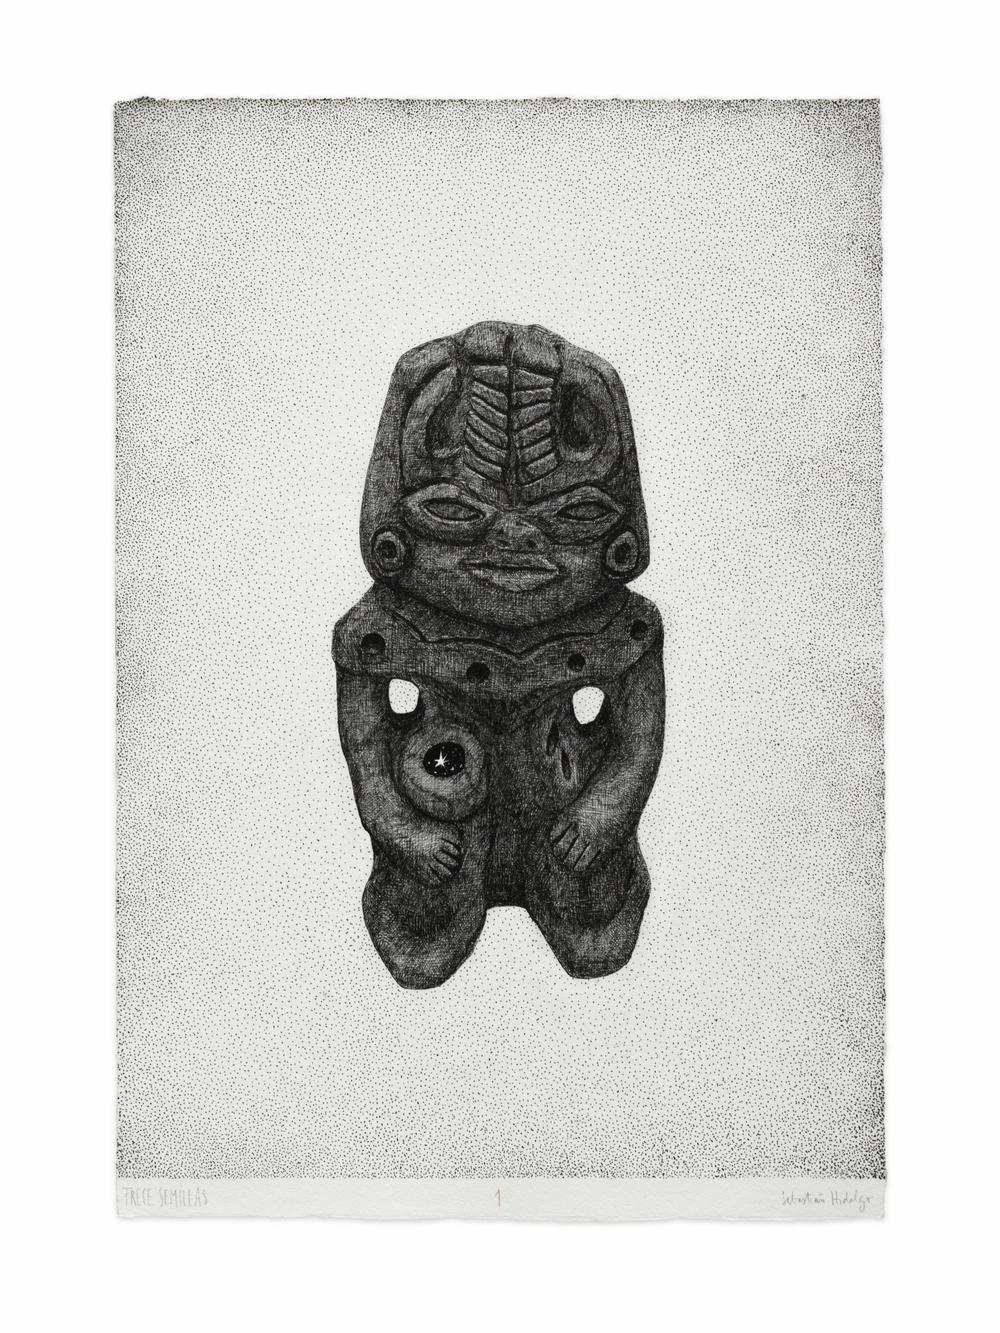 Trece semillas/1, 2015 Ink on paper, 39 x 26.5 cm